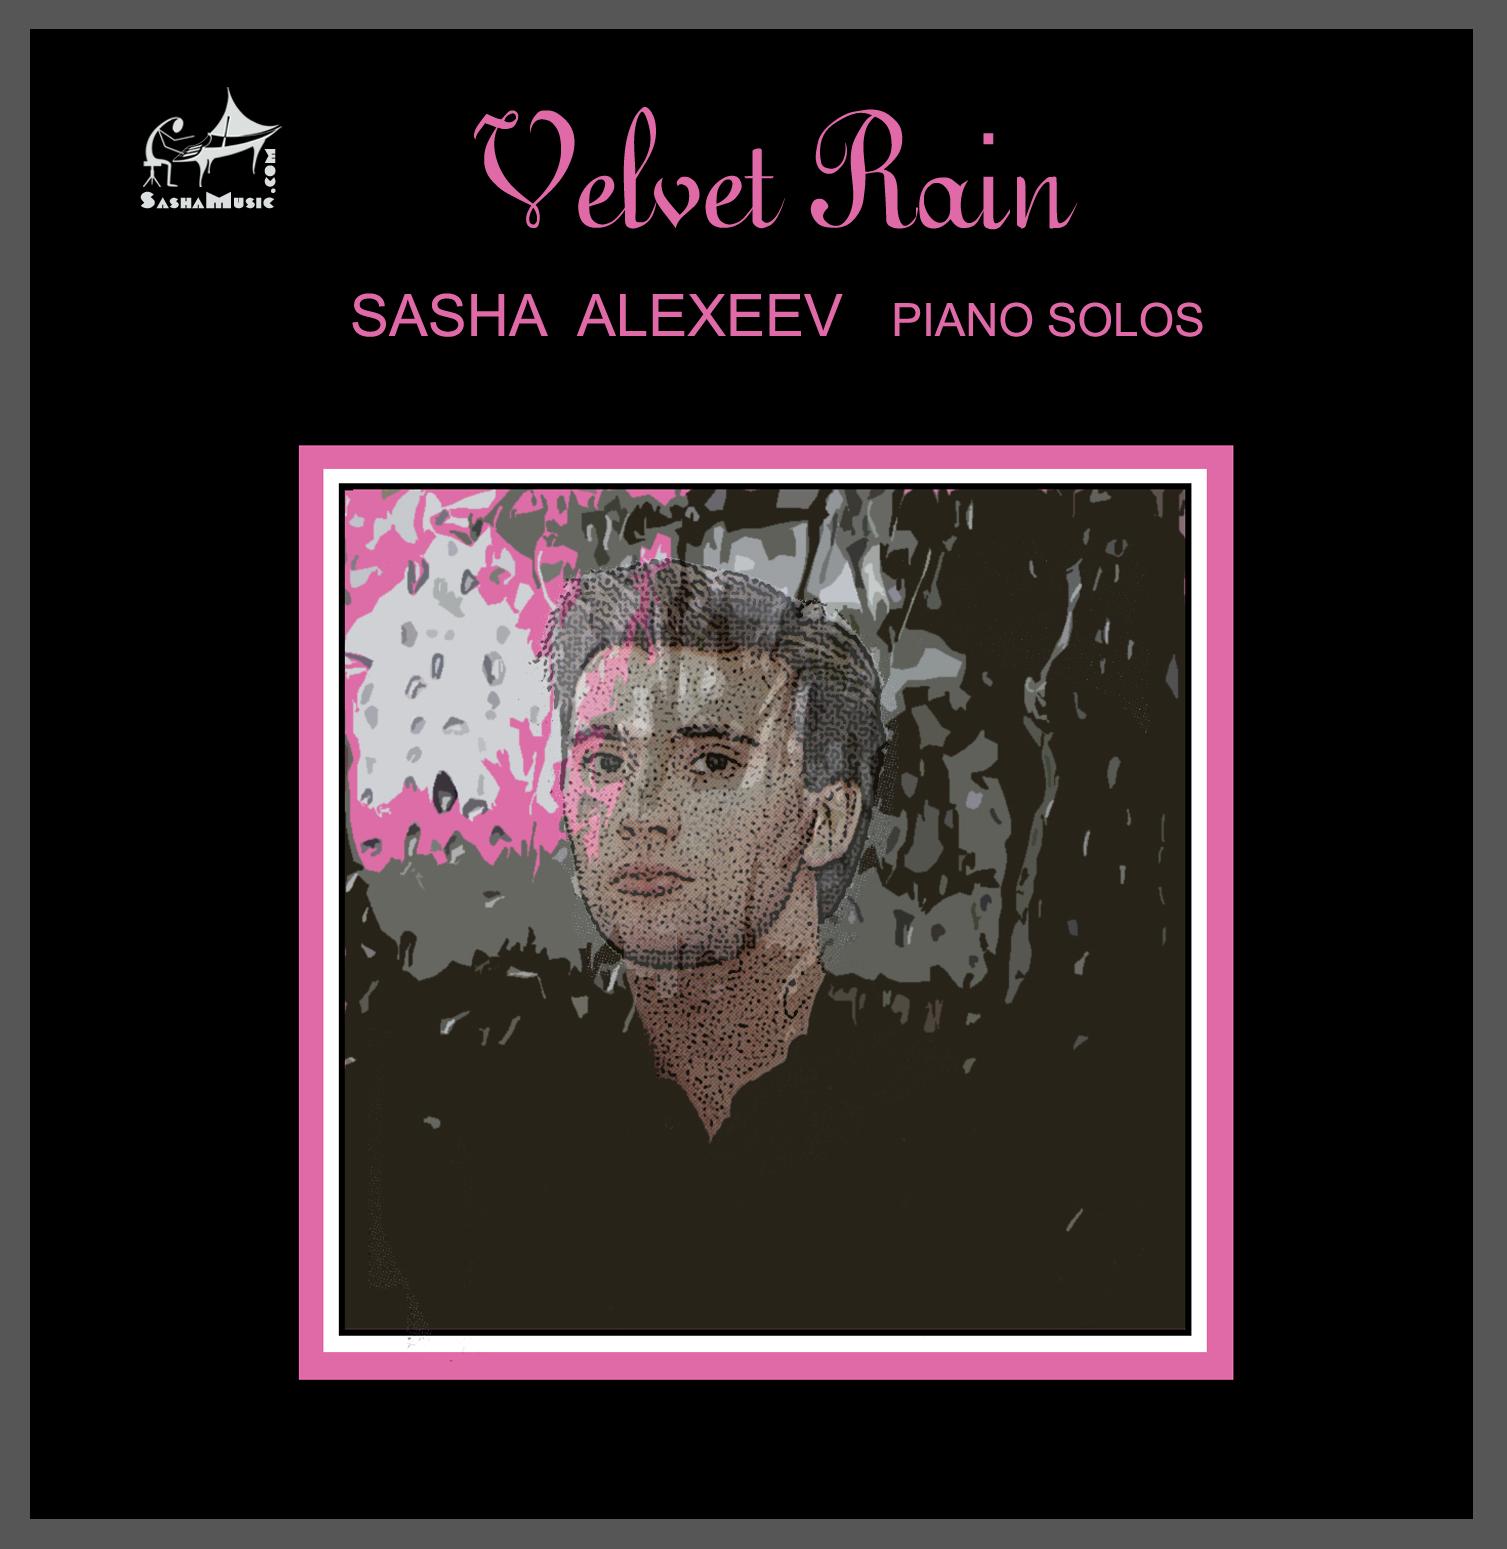 Velvet Rain-Gallery